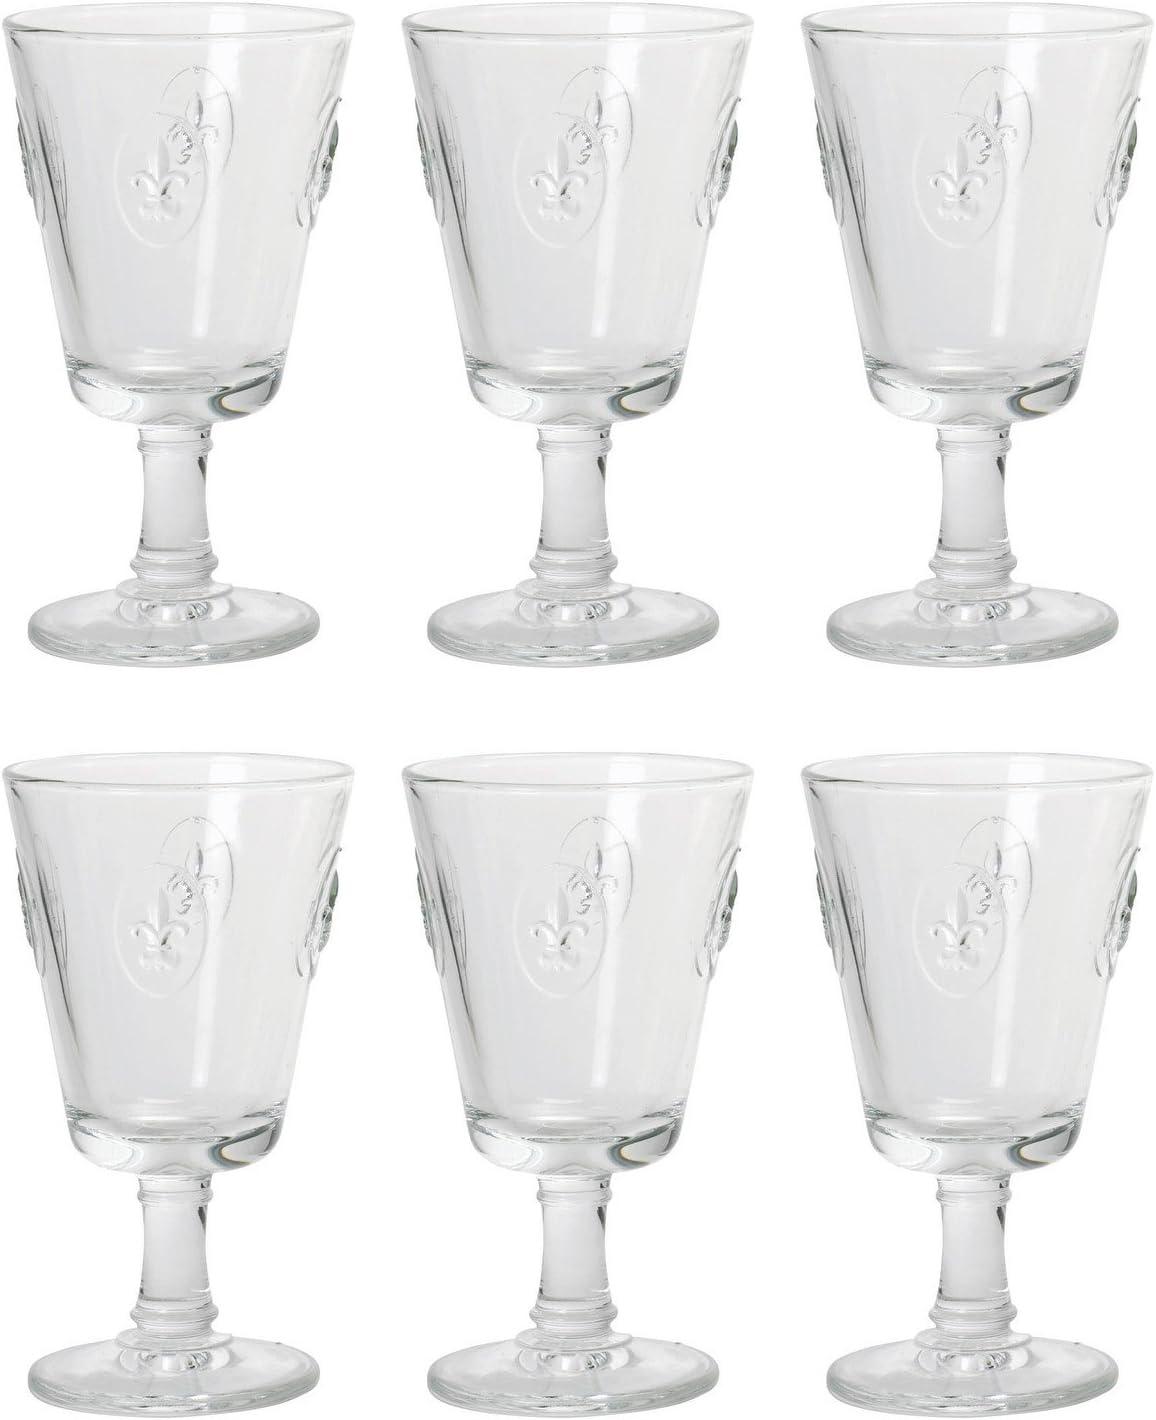 Fleur de Lys Stemmed Wine Glass by 6 NEW before selling Set Rochere - Ranking TOP17 La of